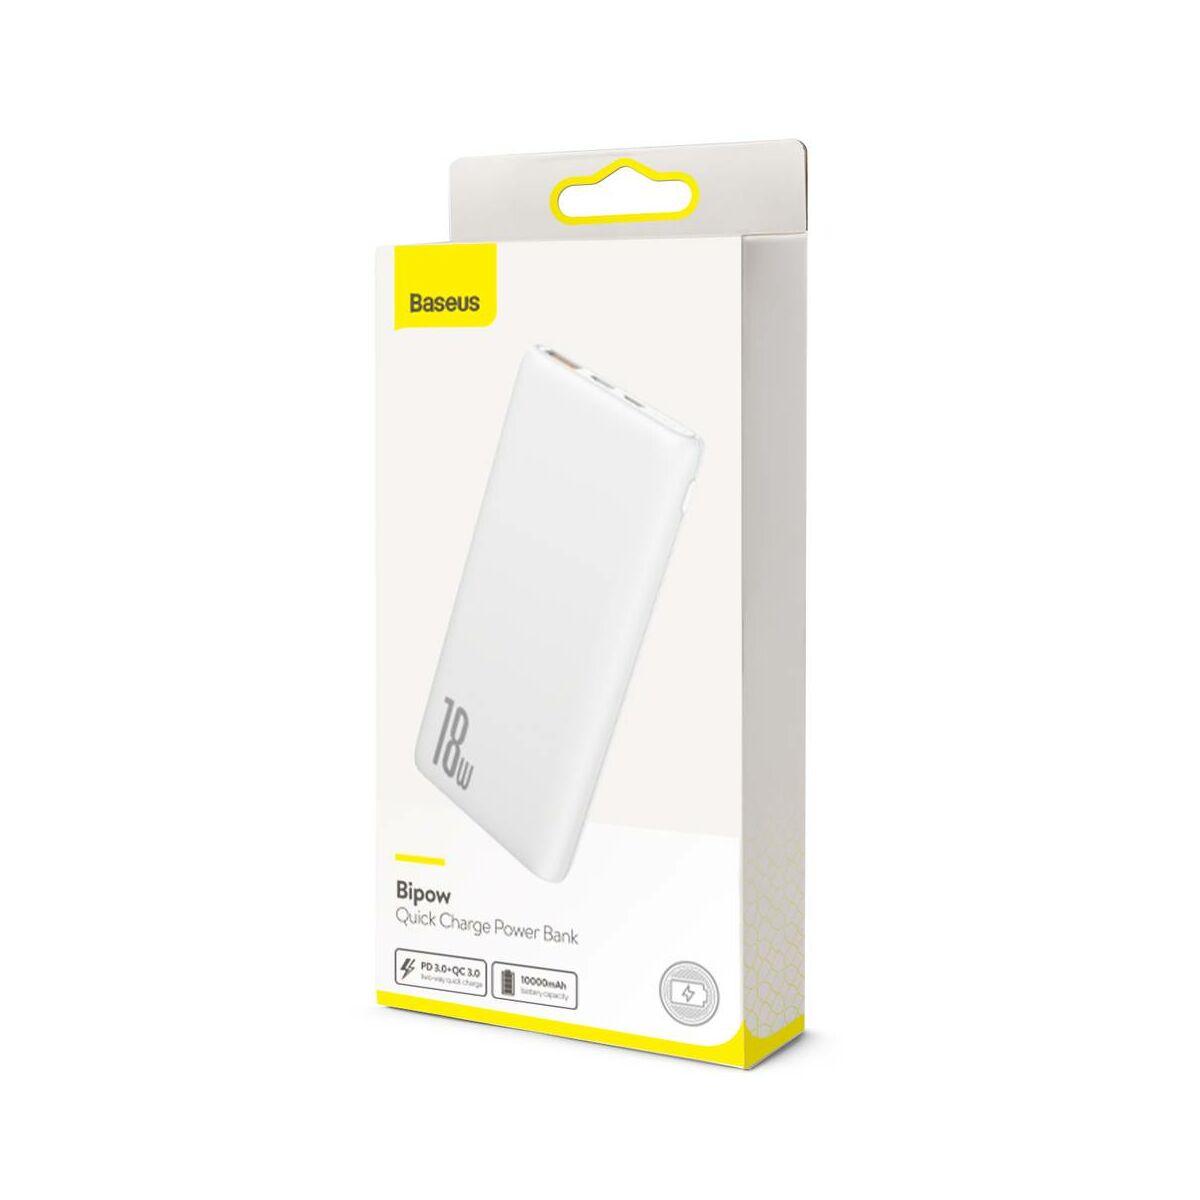 Baseus Power Bank Bipow gyors töltős Power Bank PD+QC kimenettel 3A 10000 mAh 18W, fehér (PPDML-02)